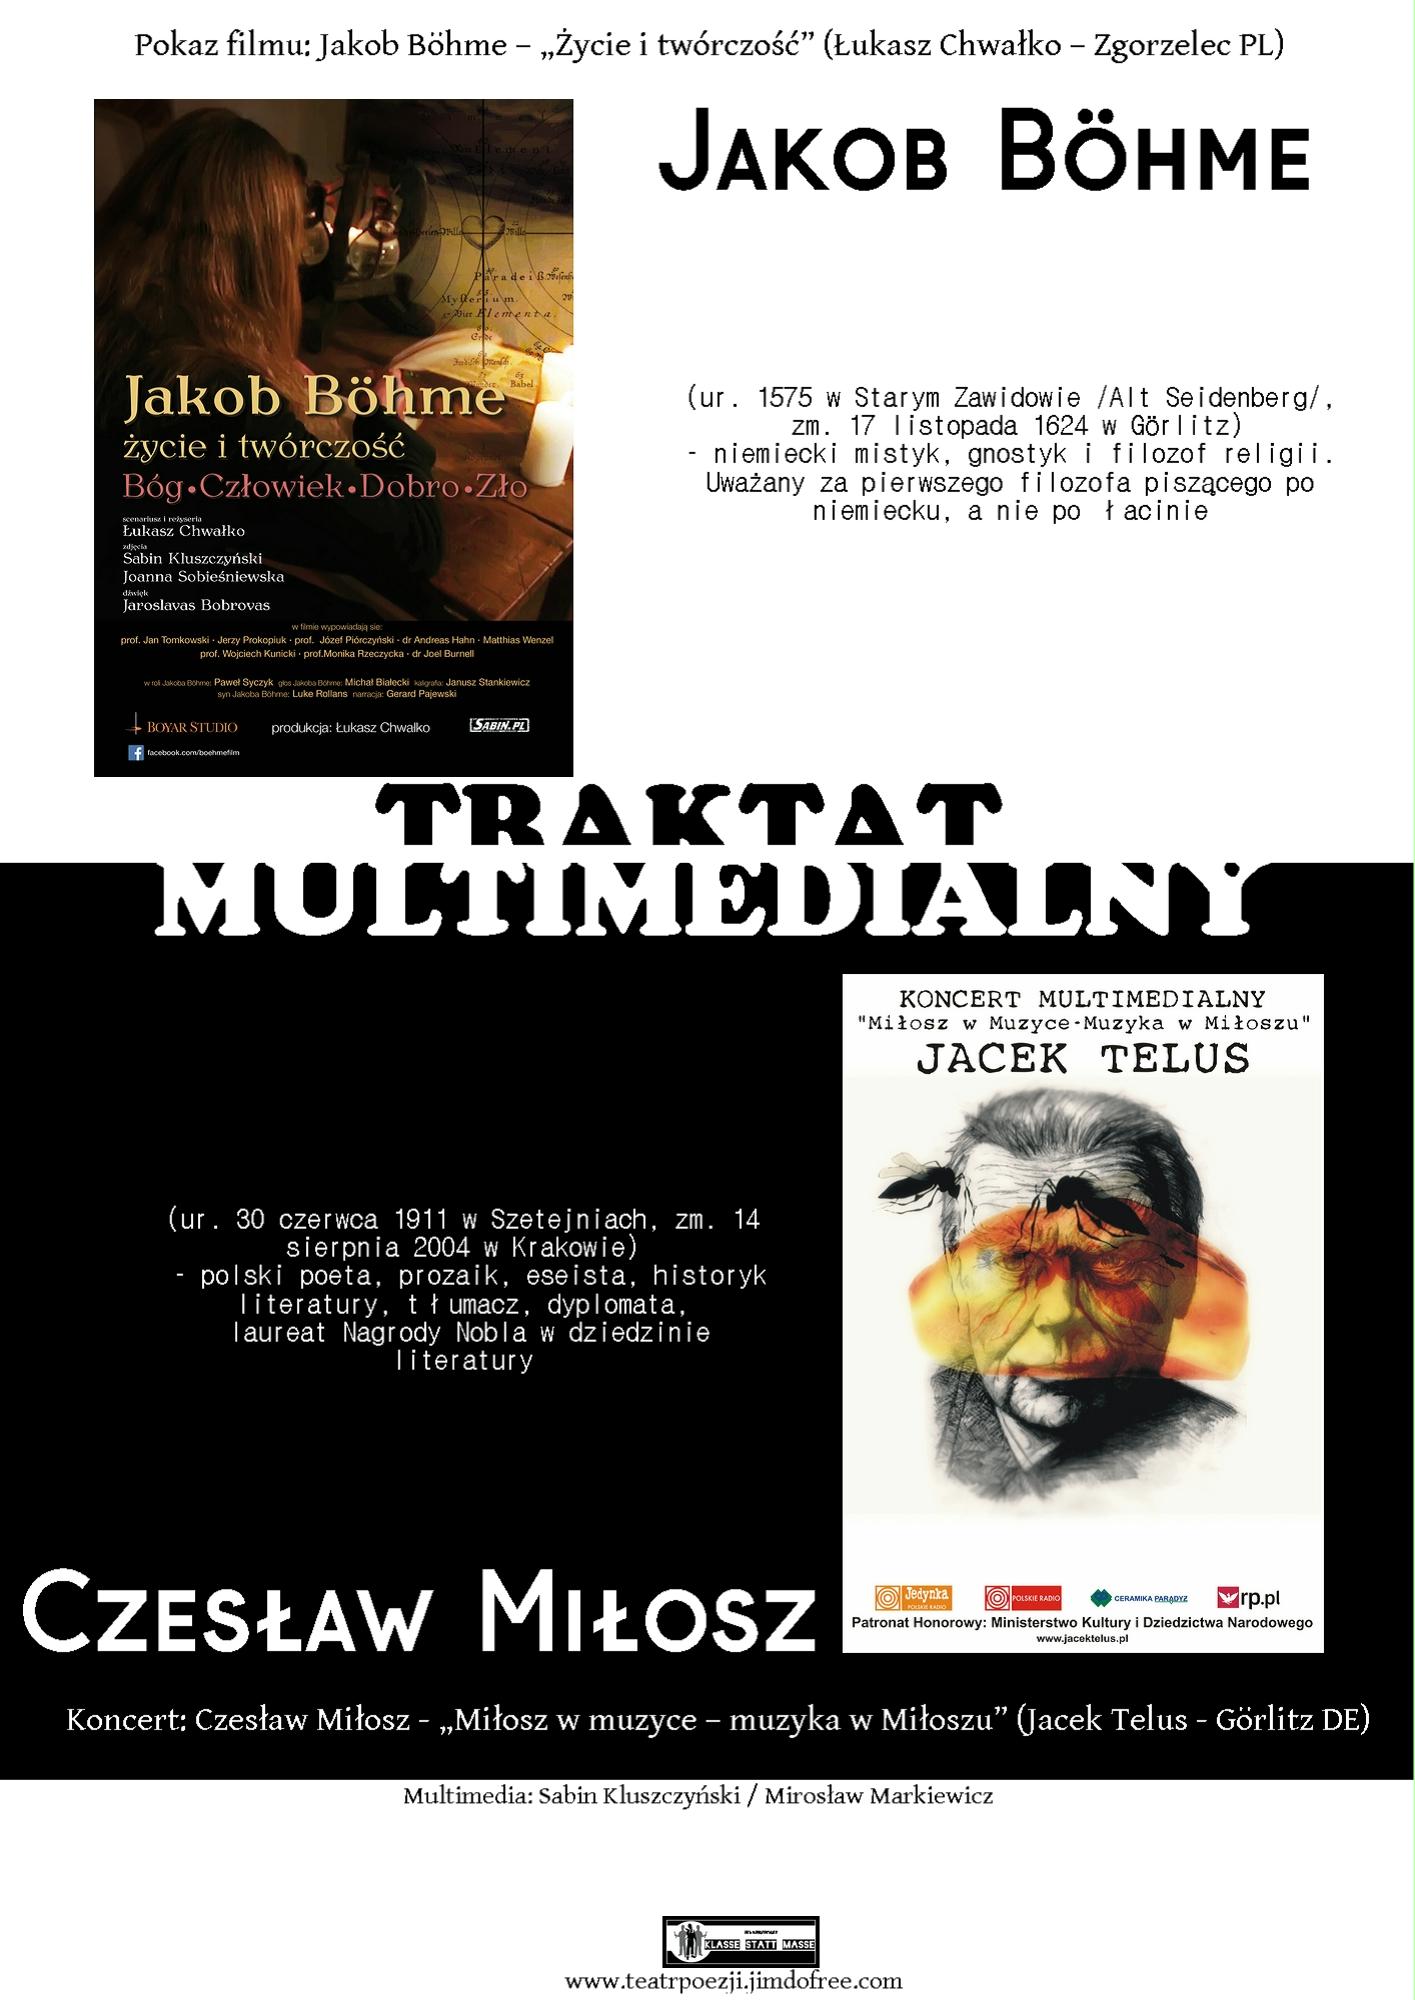 Traktat Multimedialny Jacob Böhme Czesław Miłosz